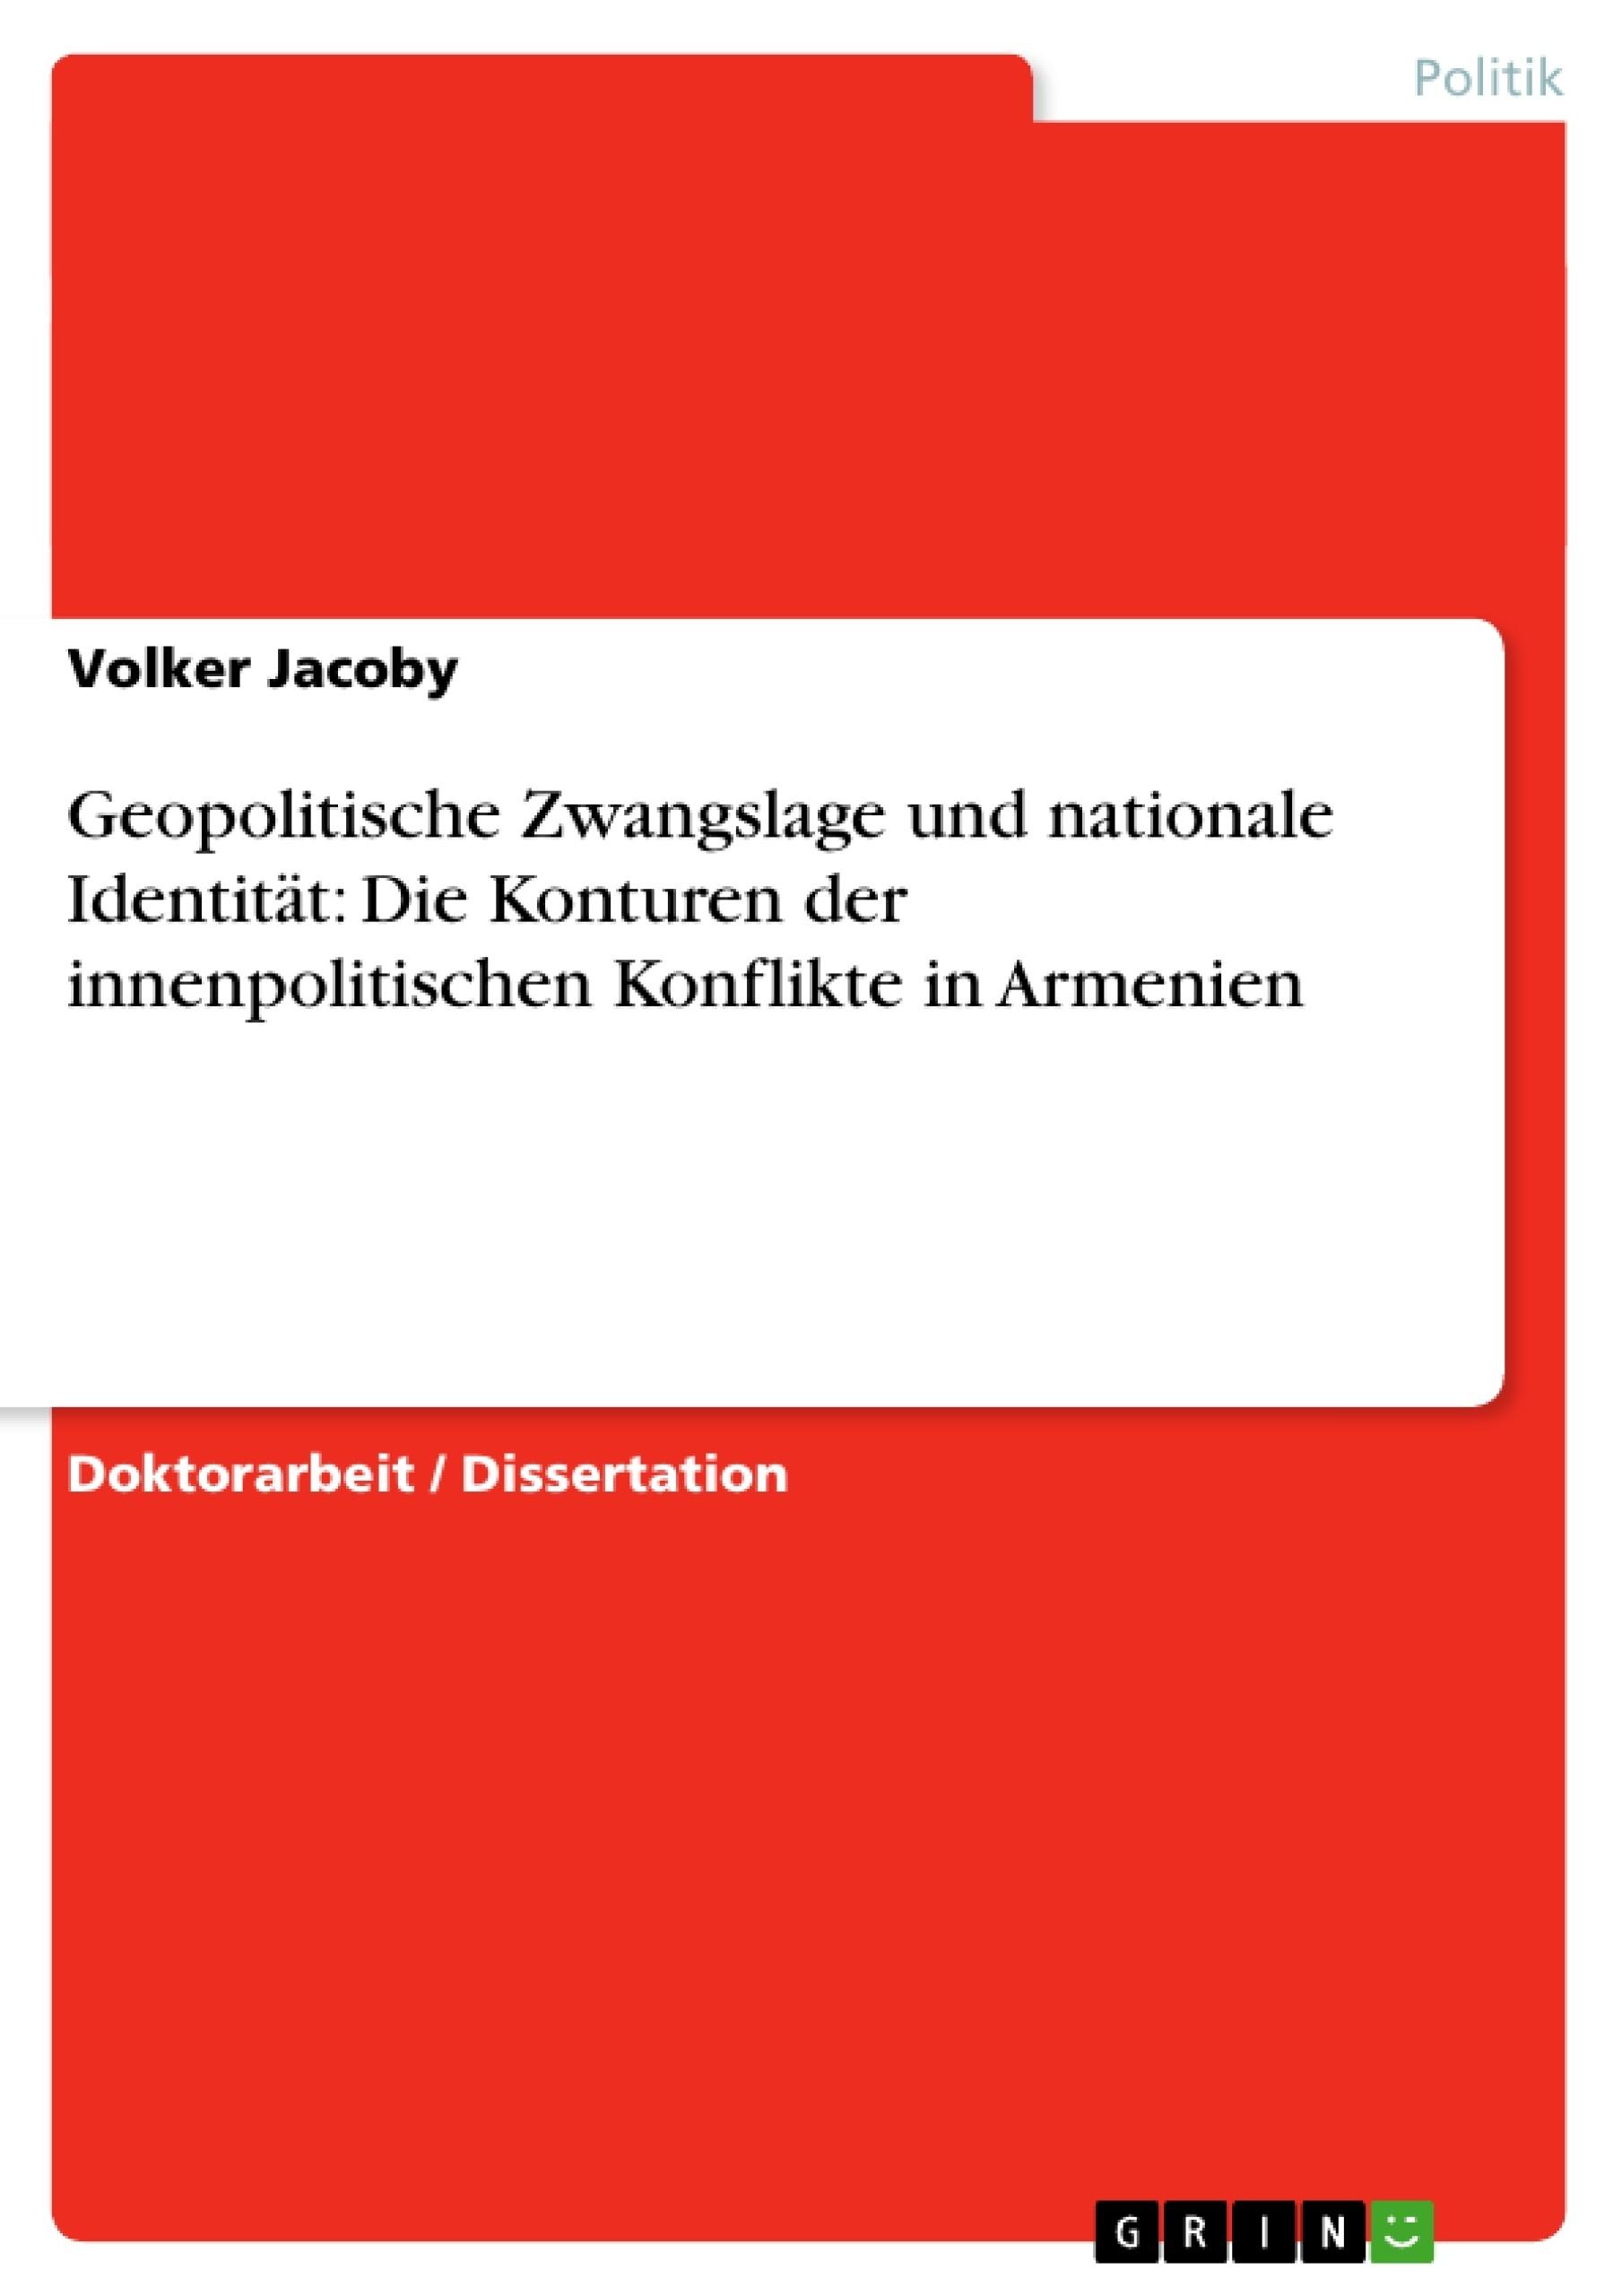 Titel: Geopolitische Zwangslage und nationale Identität: Die Konturen der innenpolitischen Konflikte in Armenien